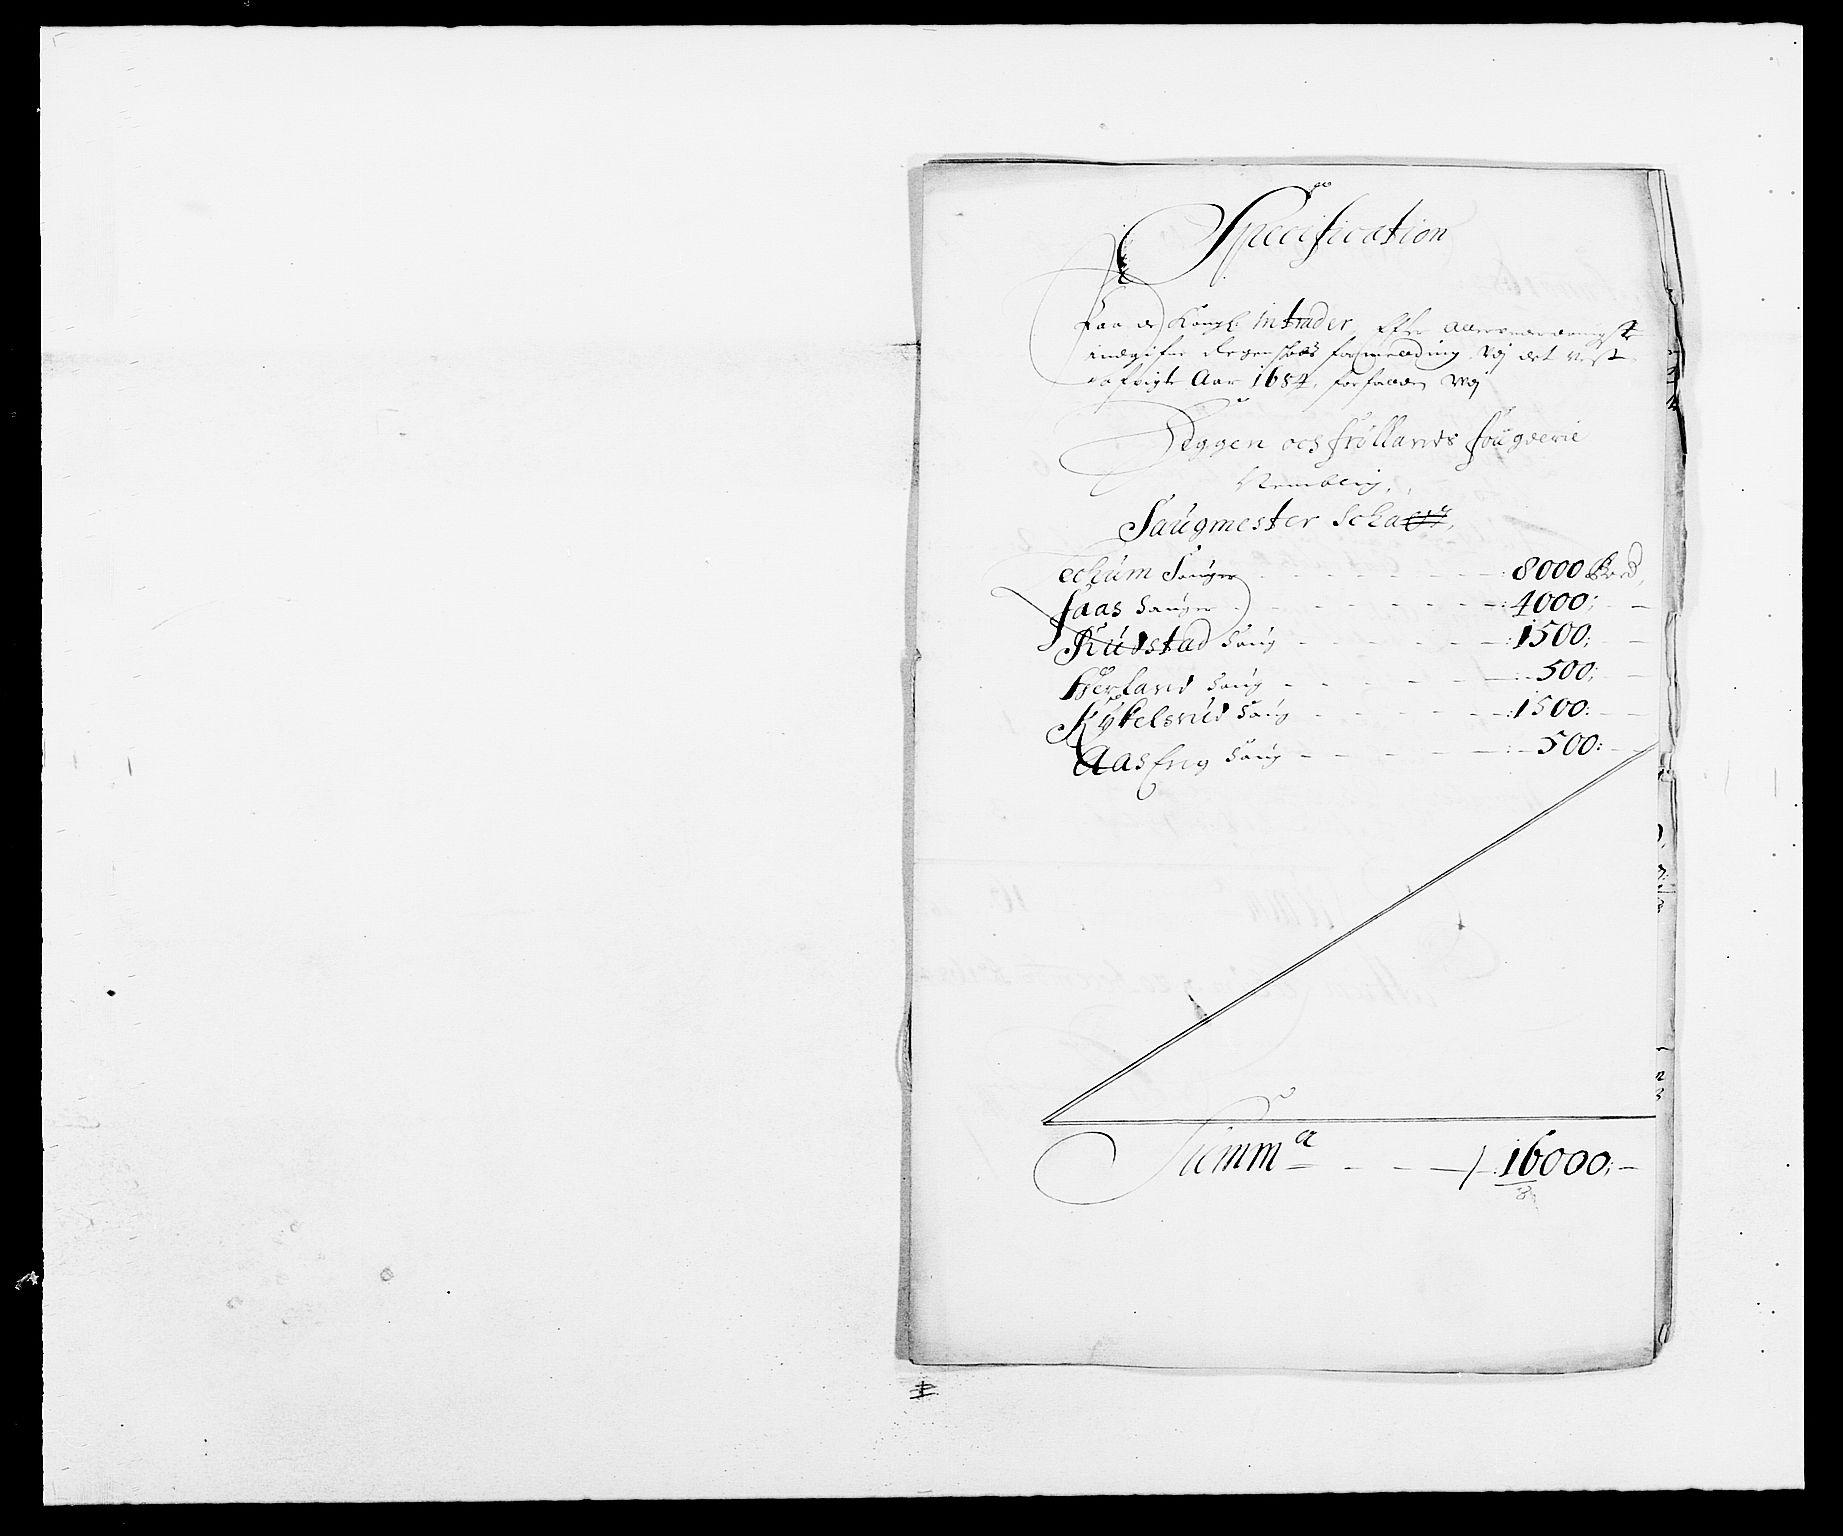 RA, Rentekammeret inntil 1814, Reviderte regnskaper, Fogderegnskap, R06/L0280: Fogderegnskap Heggen og Frøland, 1681-1684, s. 454